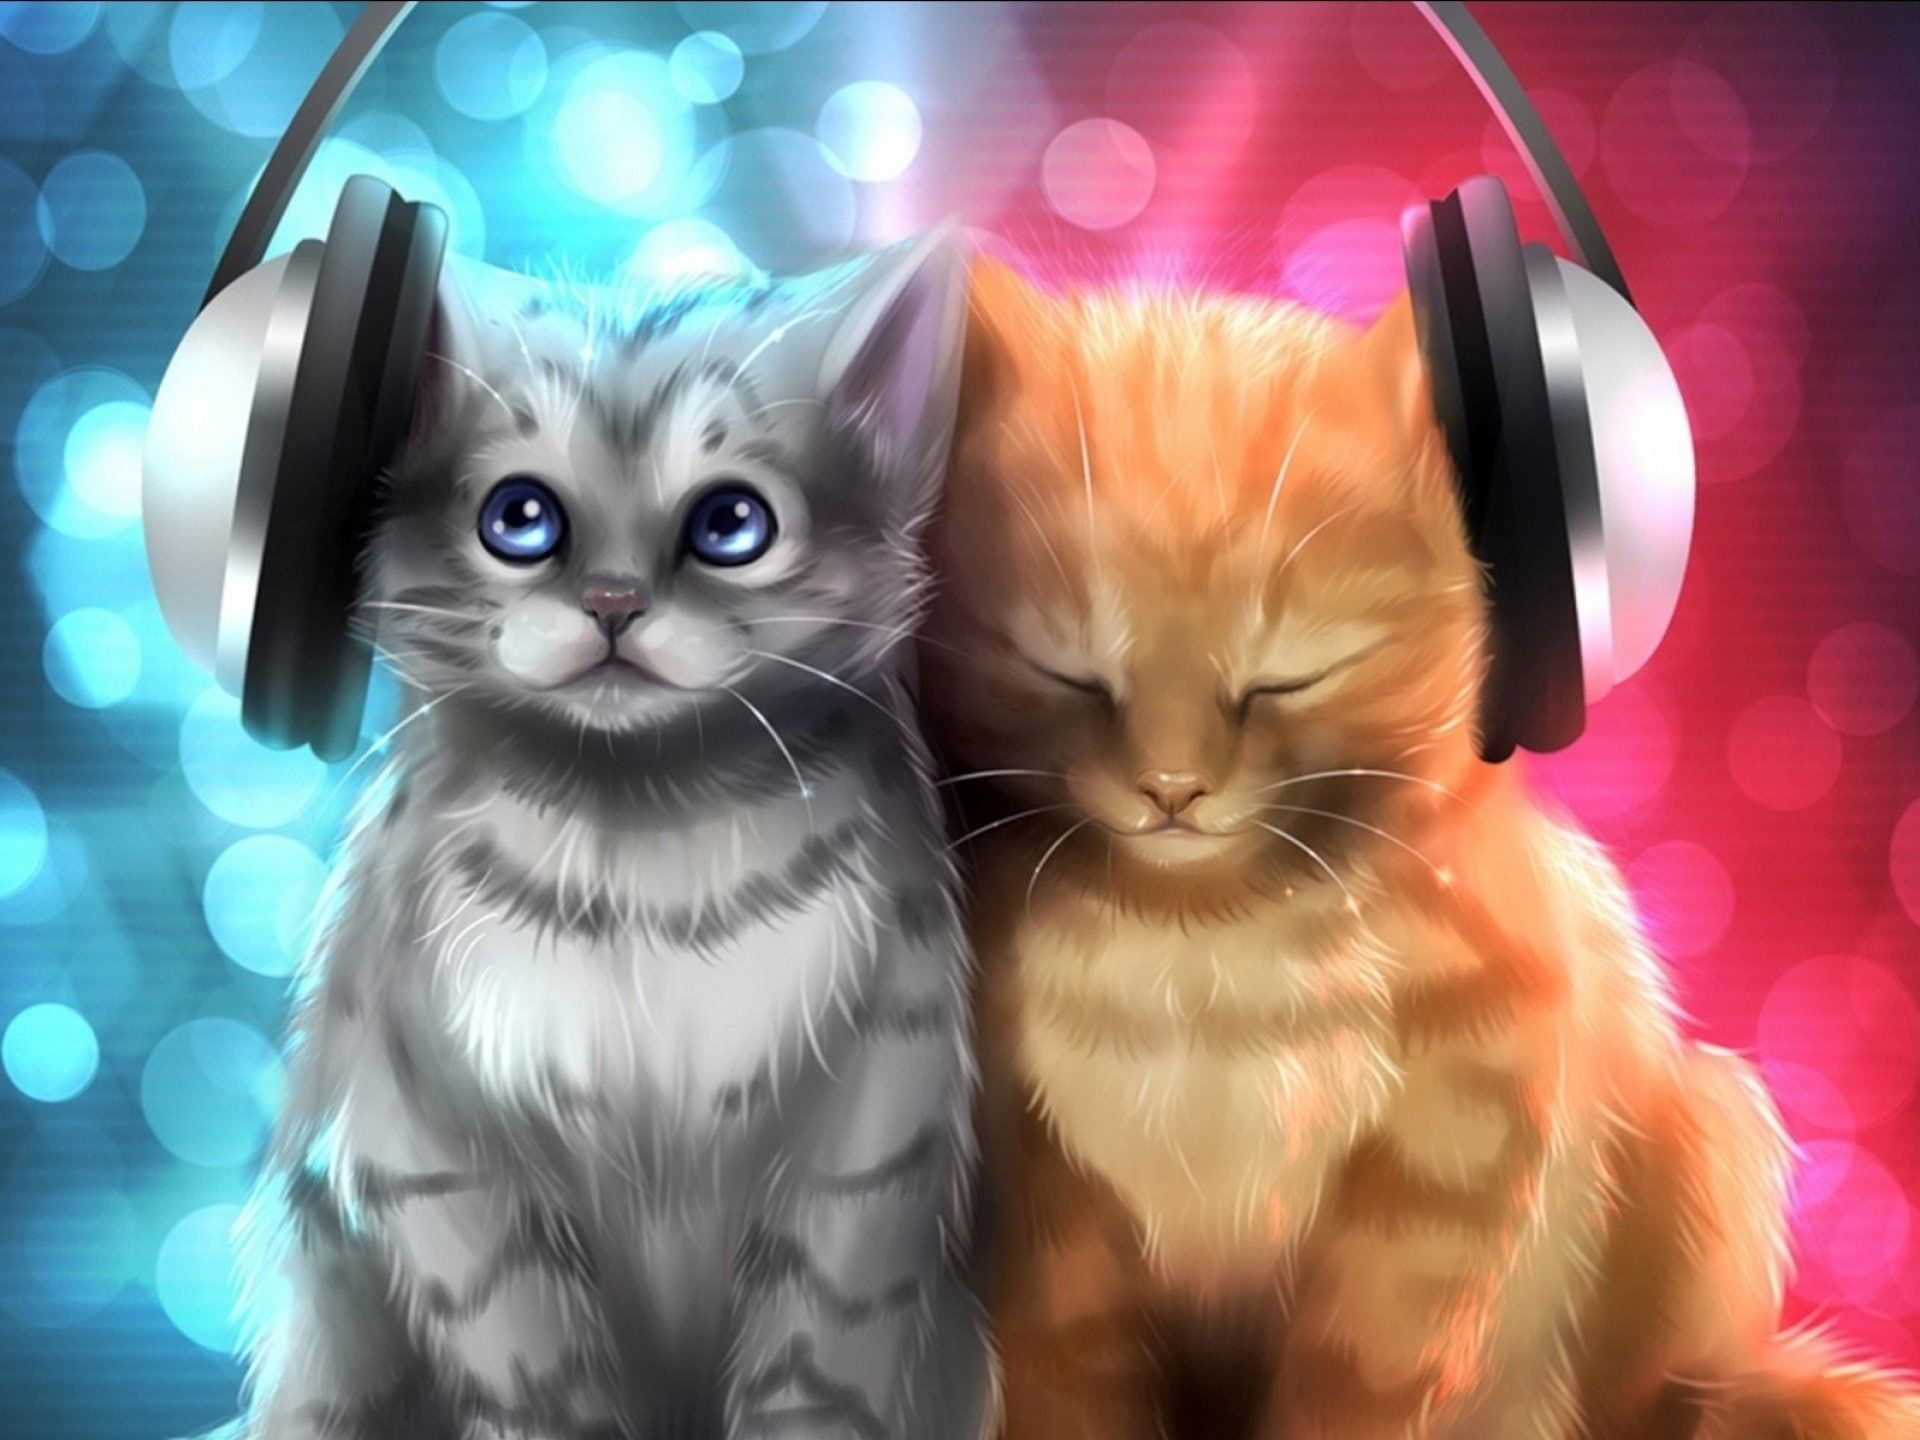 Baby Cat Cats Cute Kitten Kittens S 1080p Wallpaper Hdwallpaper Desktop Cat Background Cat Artwork Animals Cute kitty hd wallpaper